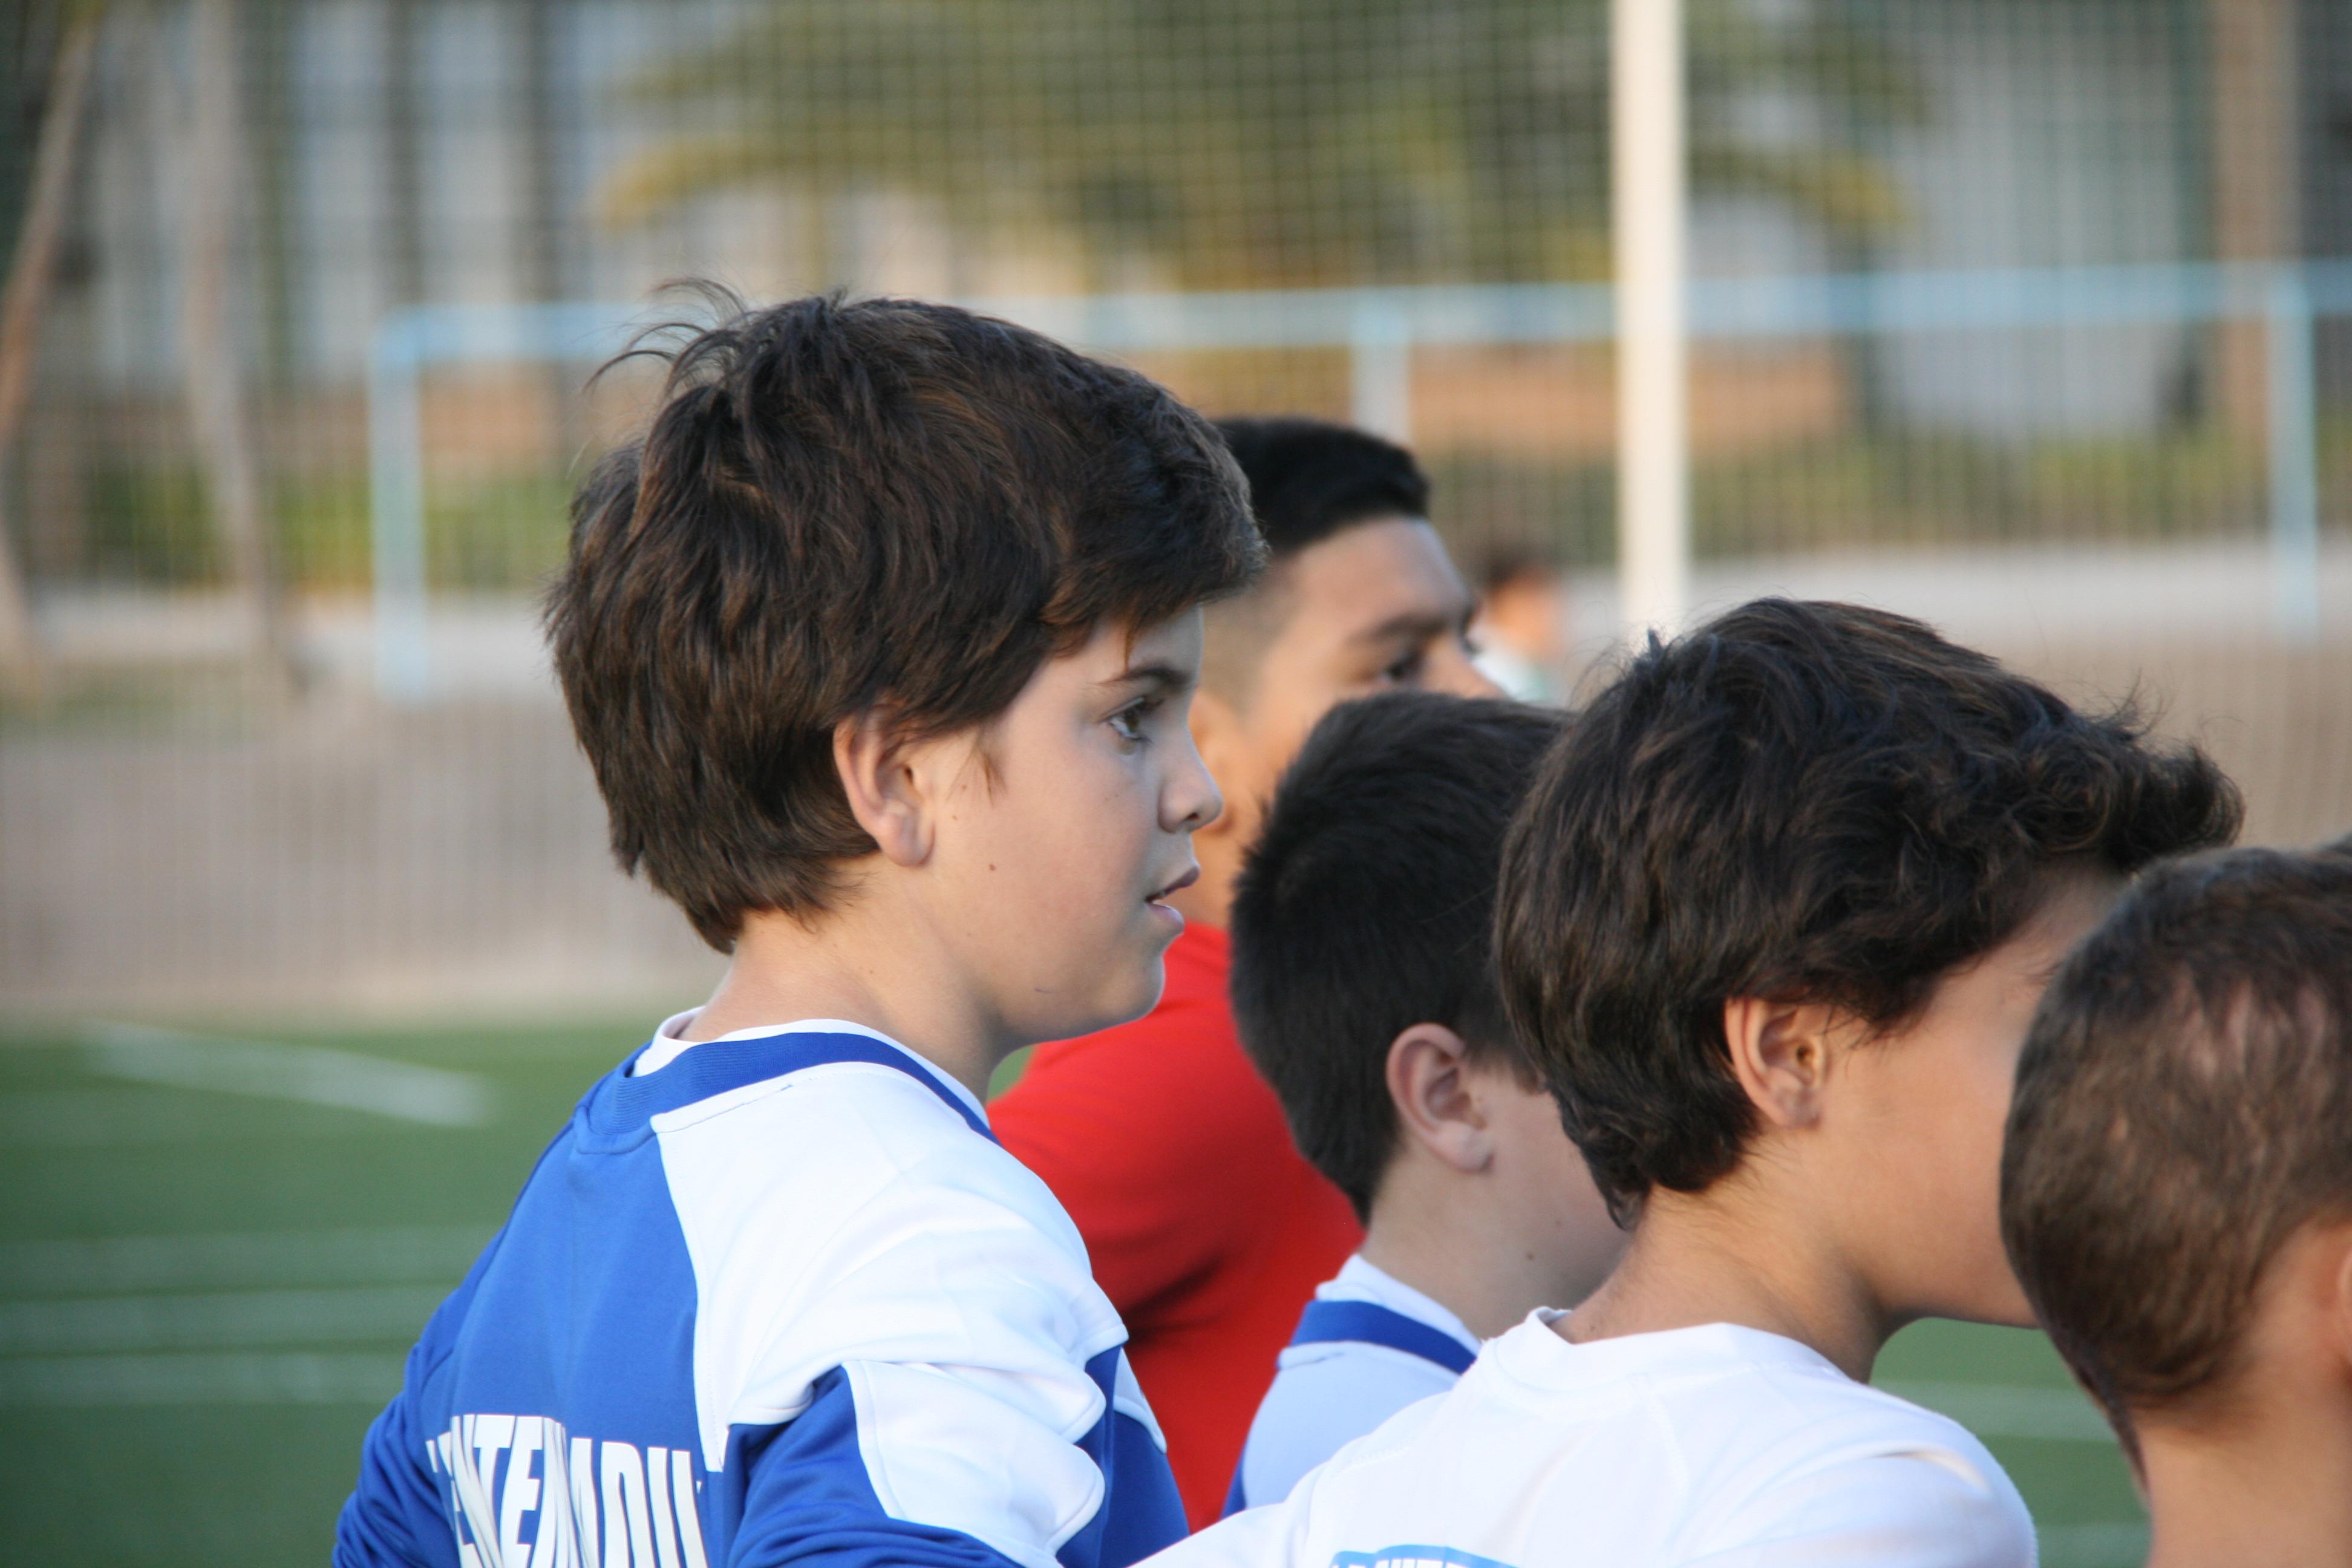 Escuela de futbol en boadilla